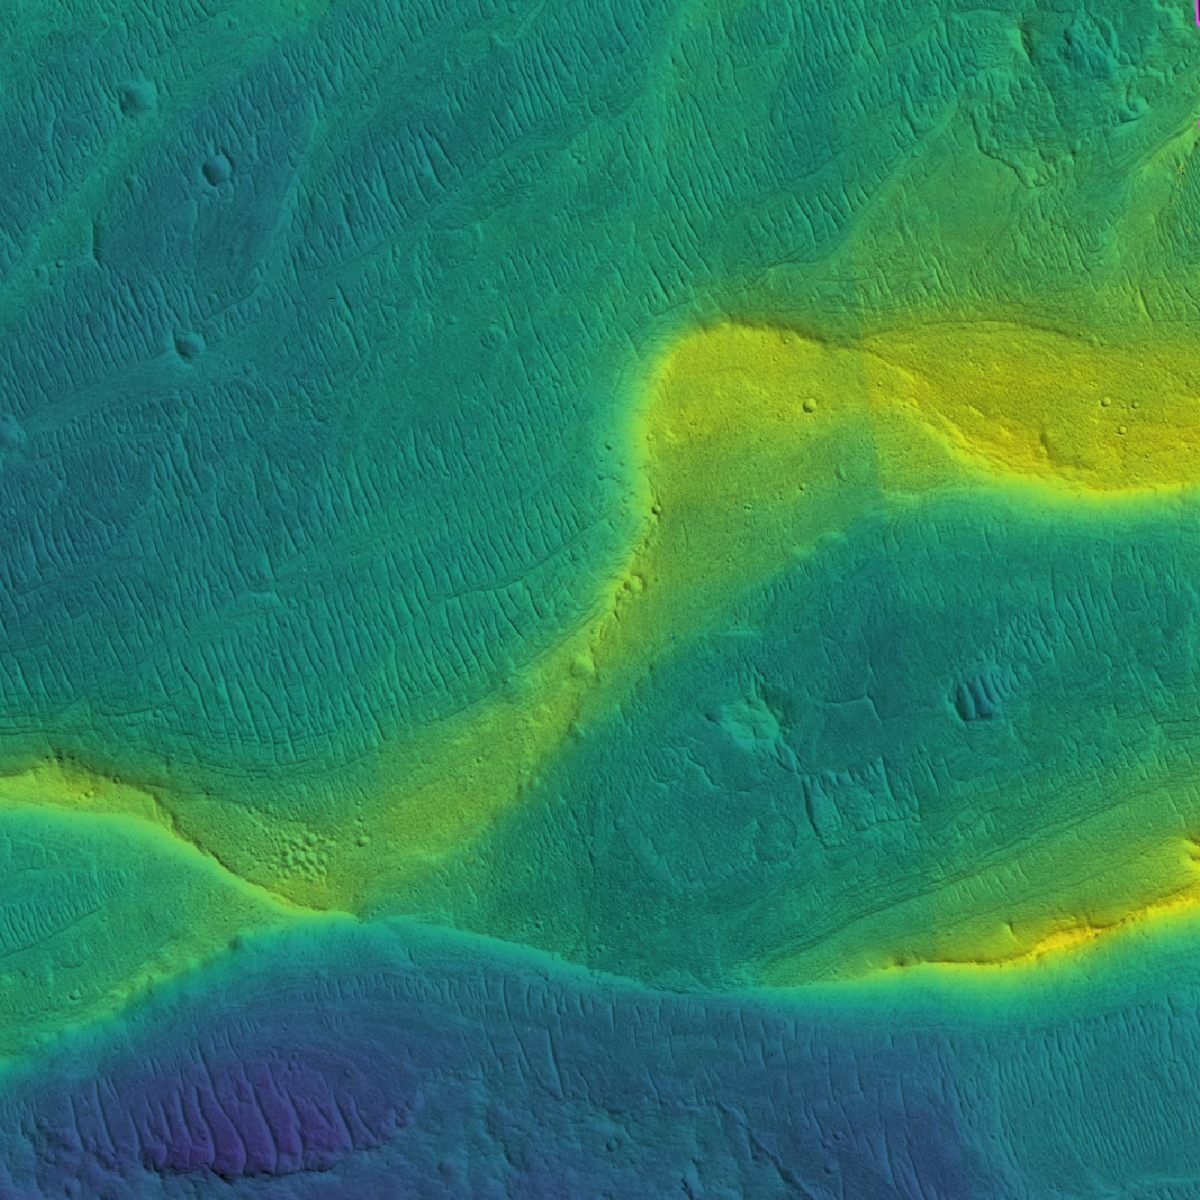 Hình ảnh dấu tích của lòng sông trên sao Hỏa được vệ tinh quỹ đạo chụp lại với các màu sắc cho thấy sự khác nhau về độ cao. Màu xanh là ở mức thấp và màu vàng là ở mức cao.